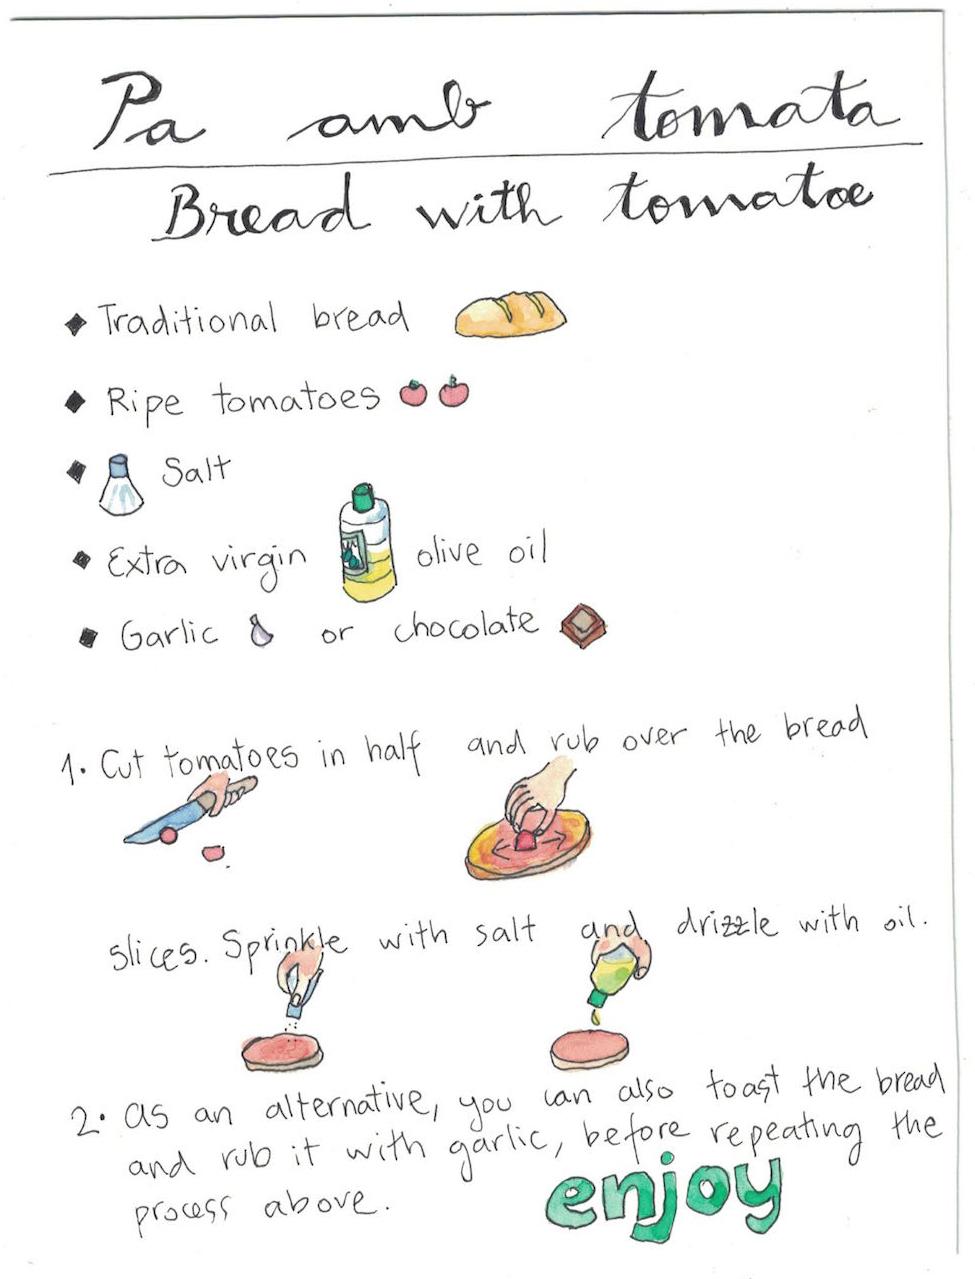 MITM-Yam-recipe.jpg